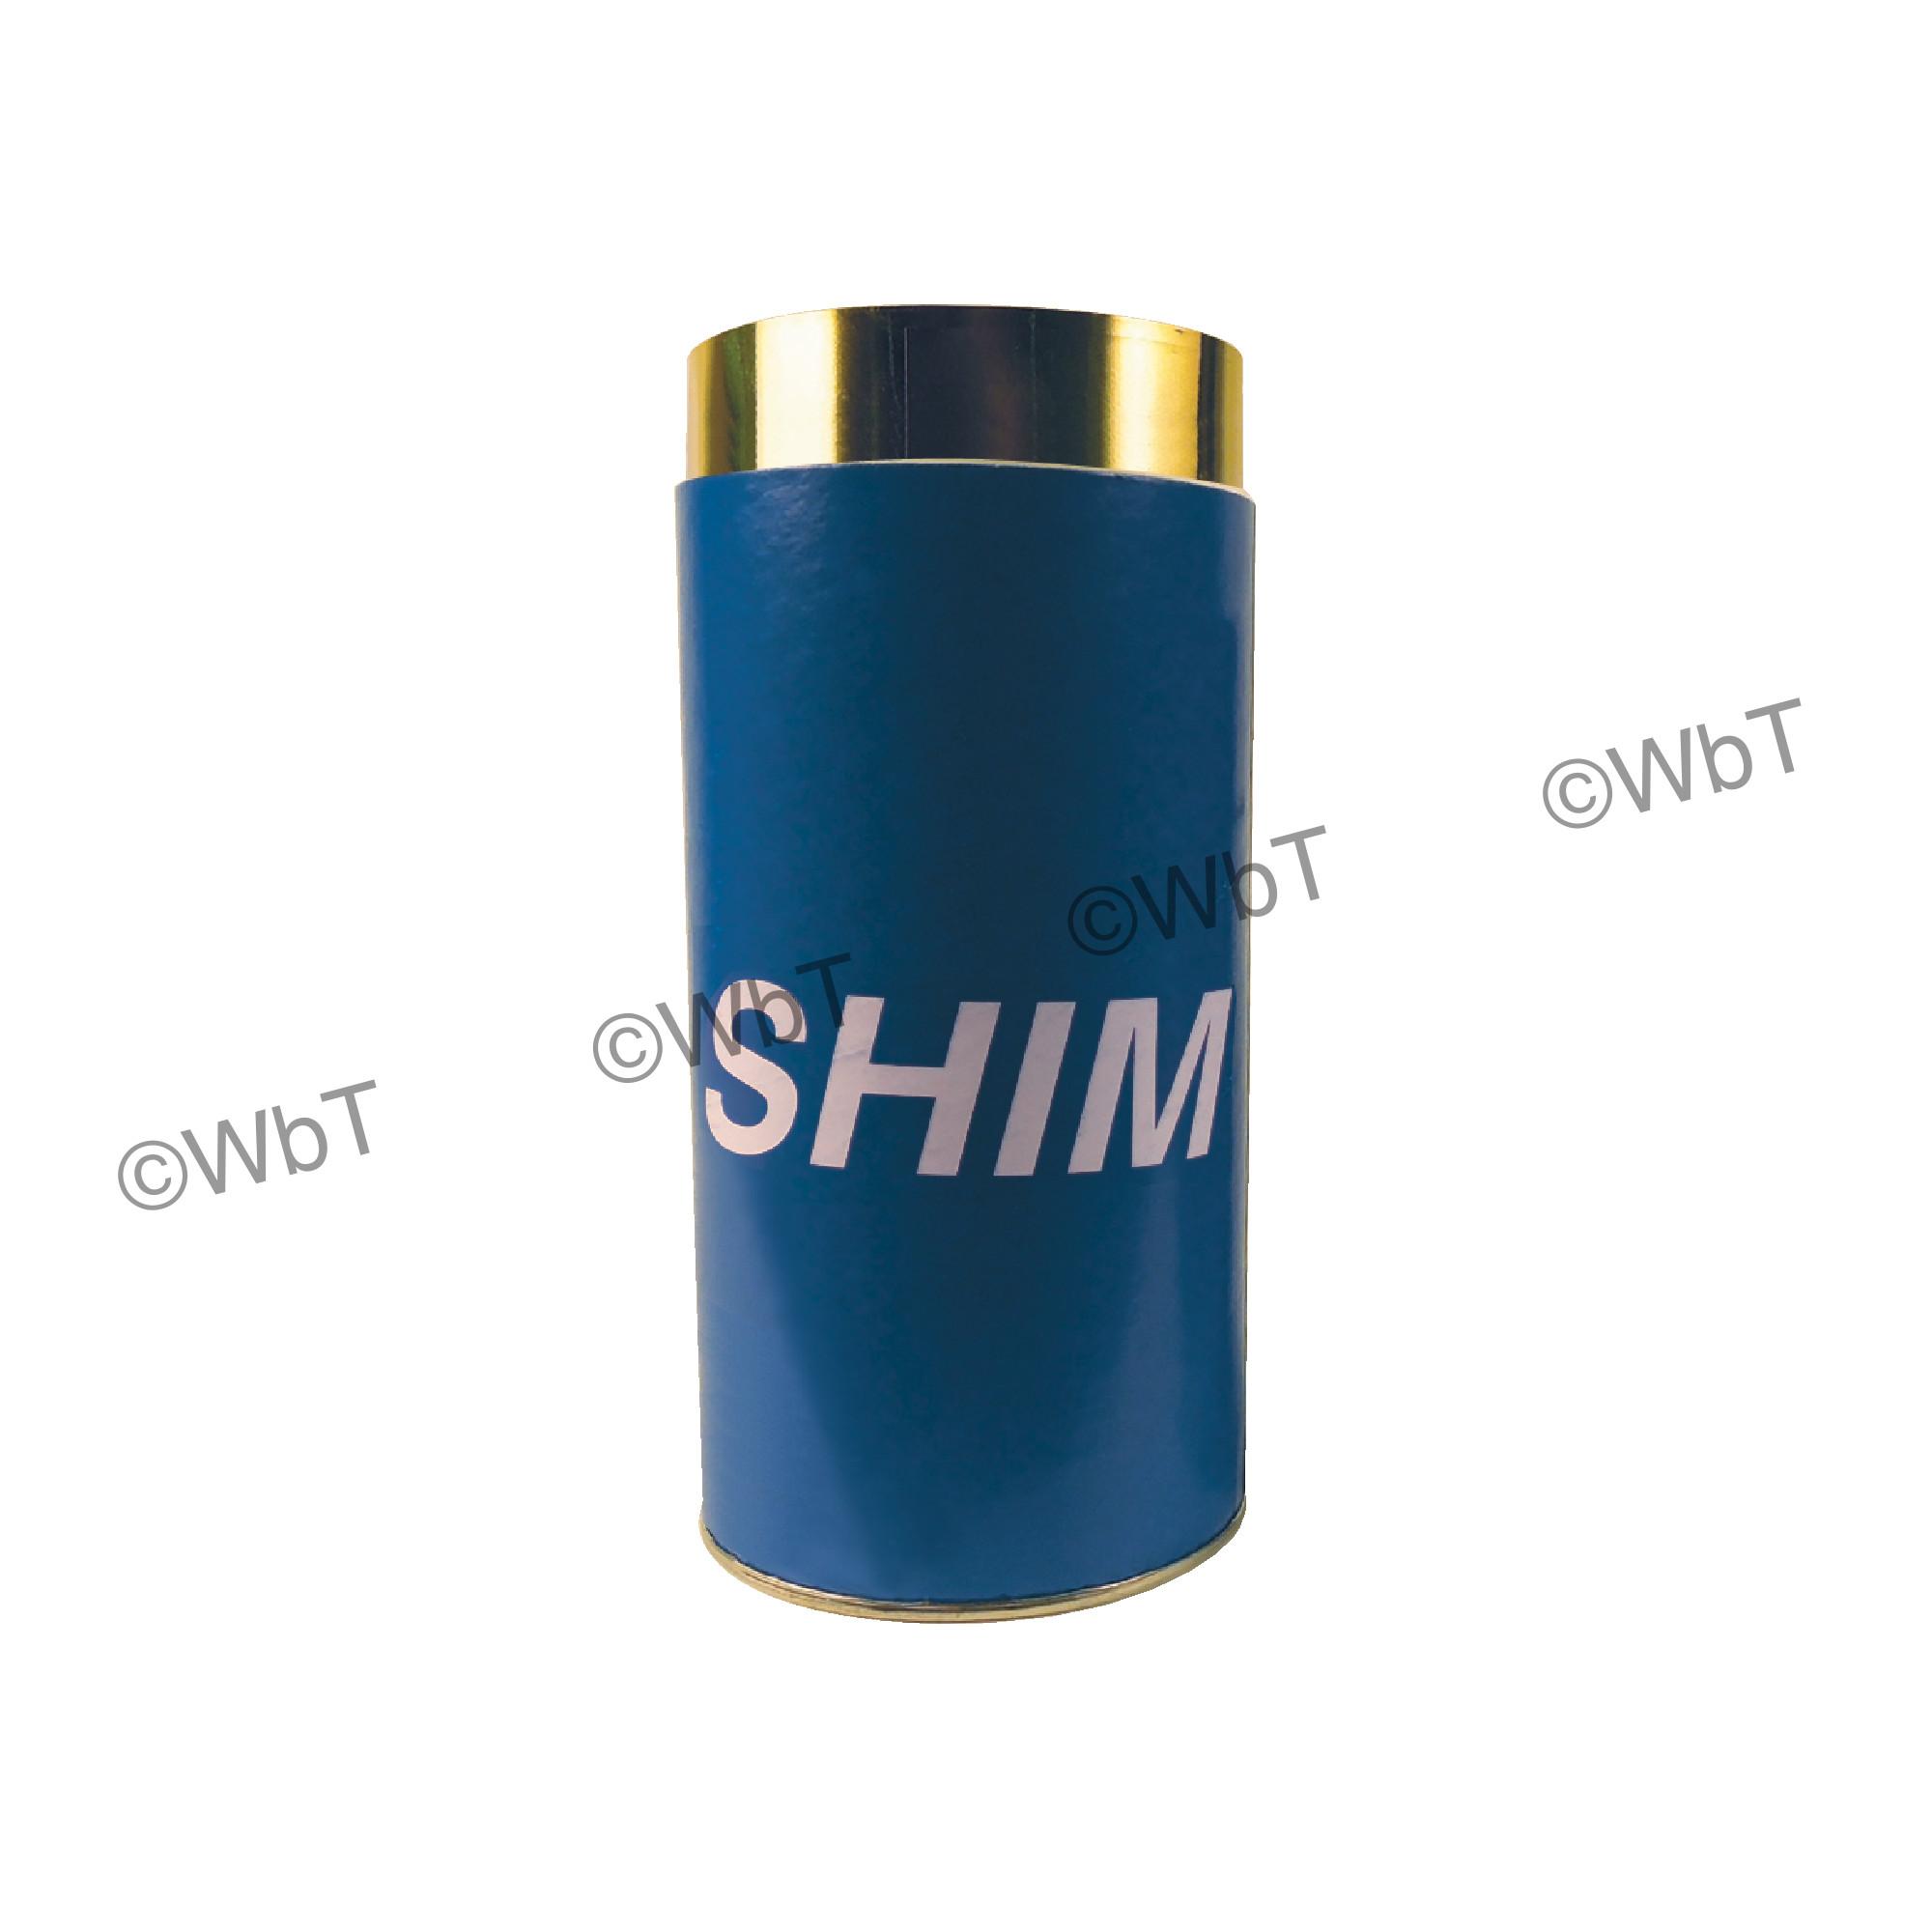 Brass Shim Stock Roll